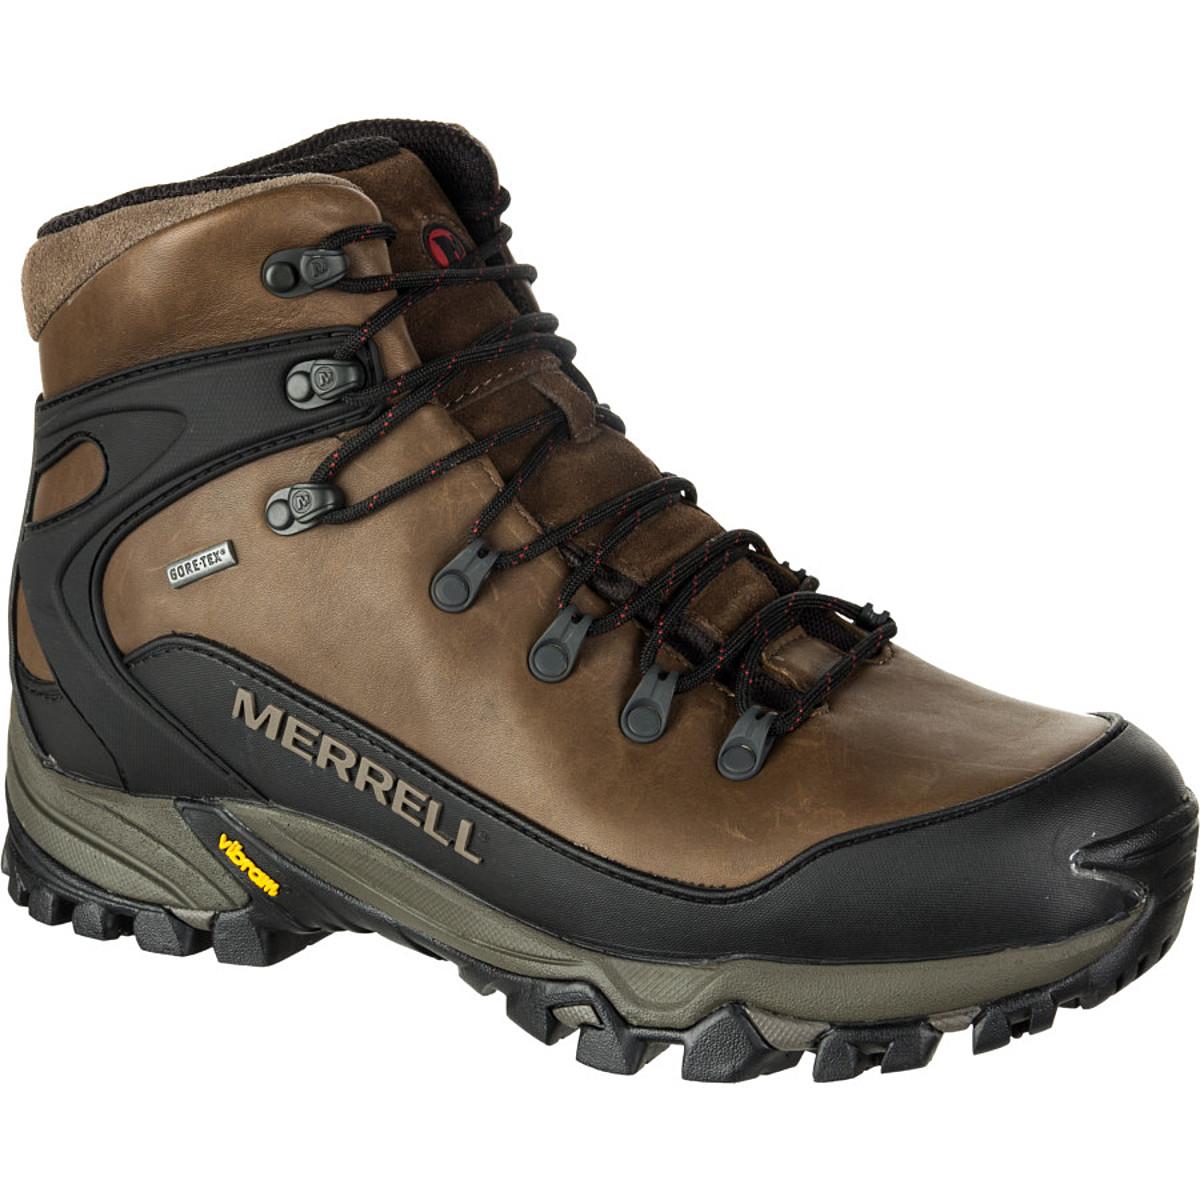 Merrell Mattertal Gore-Tex